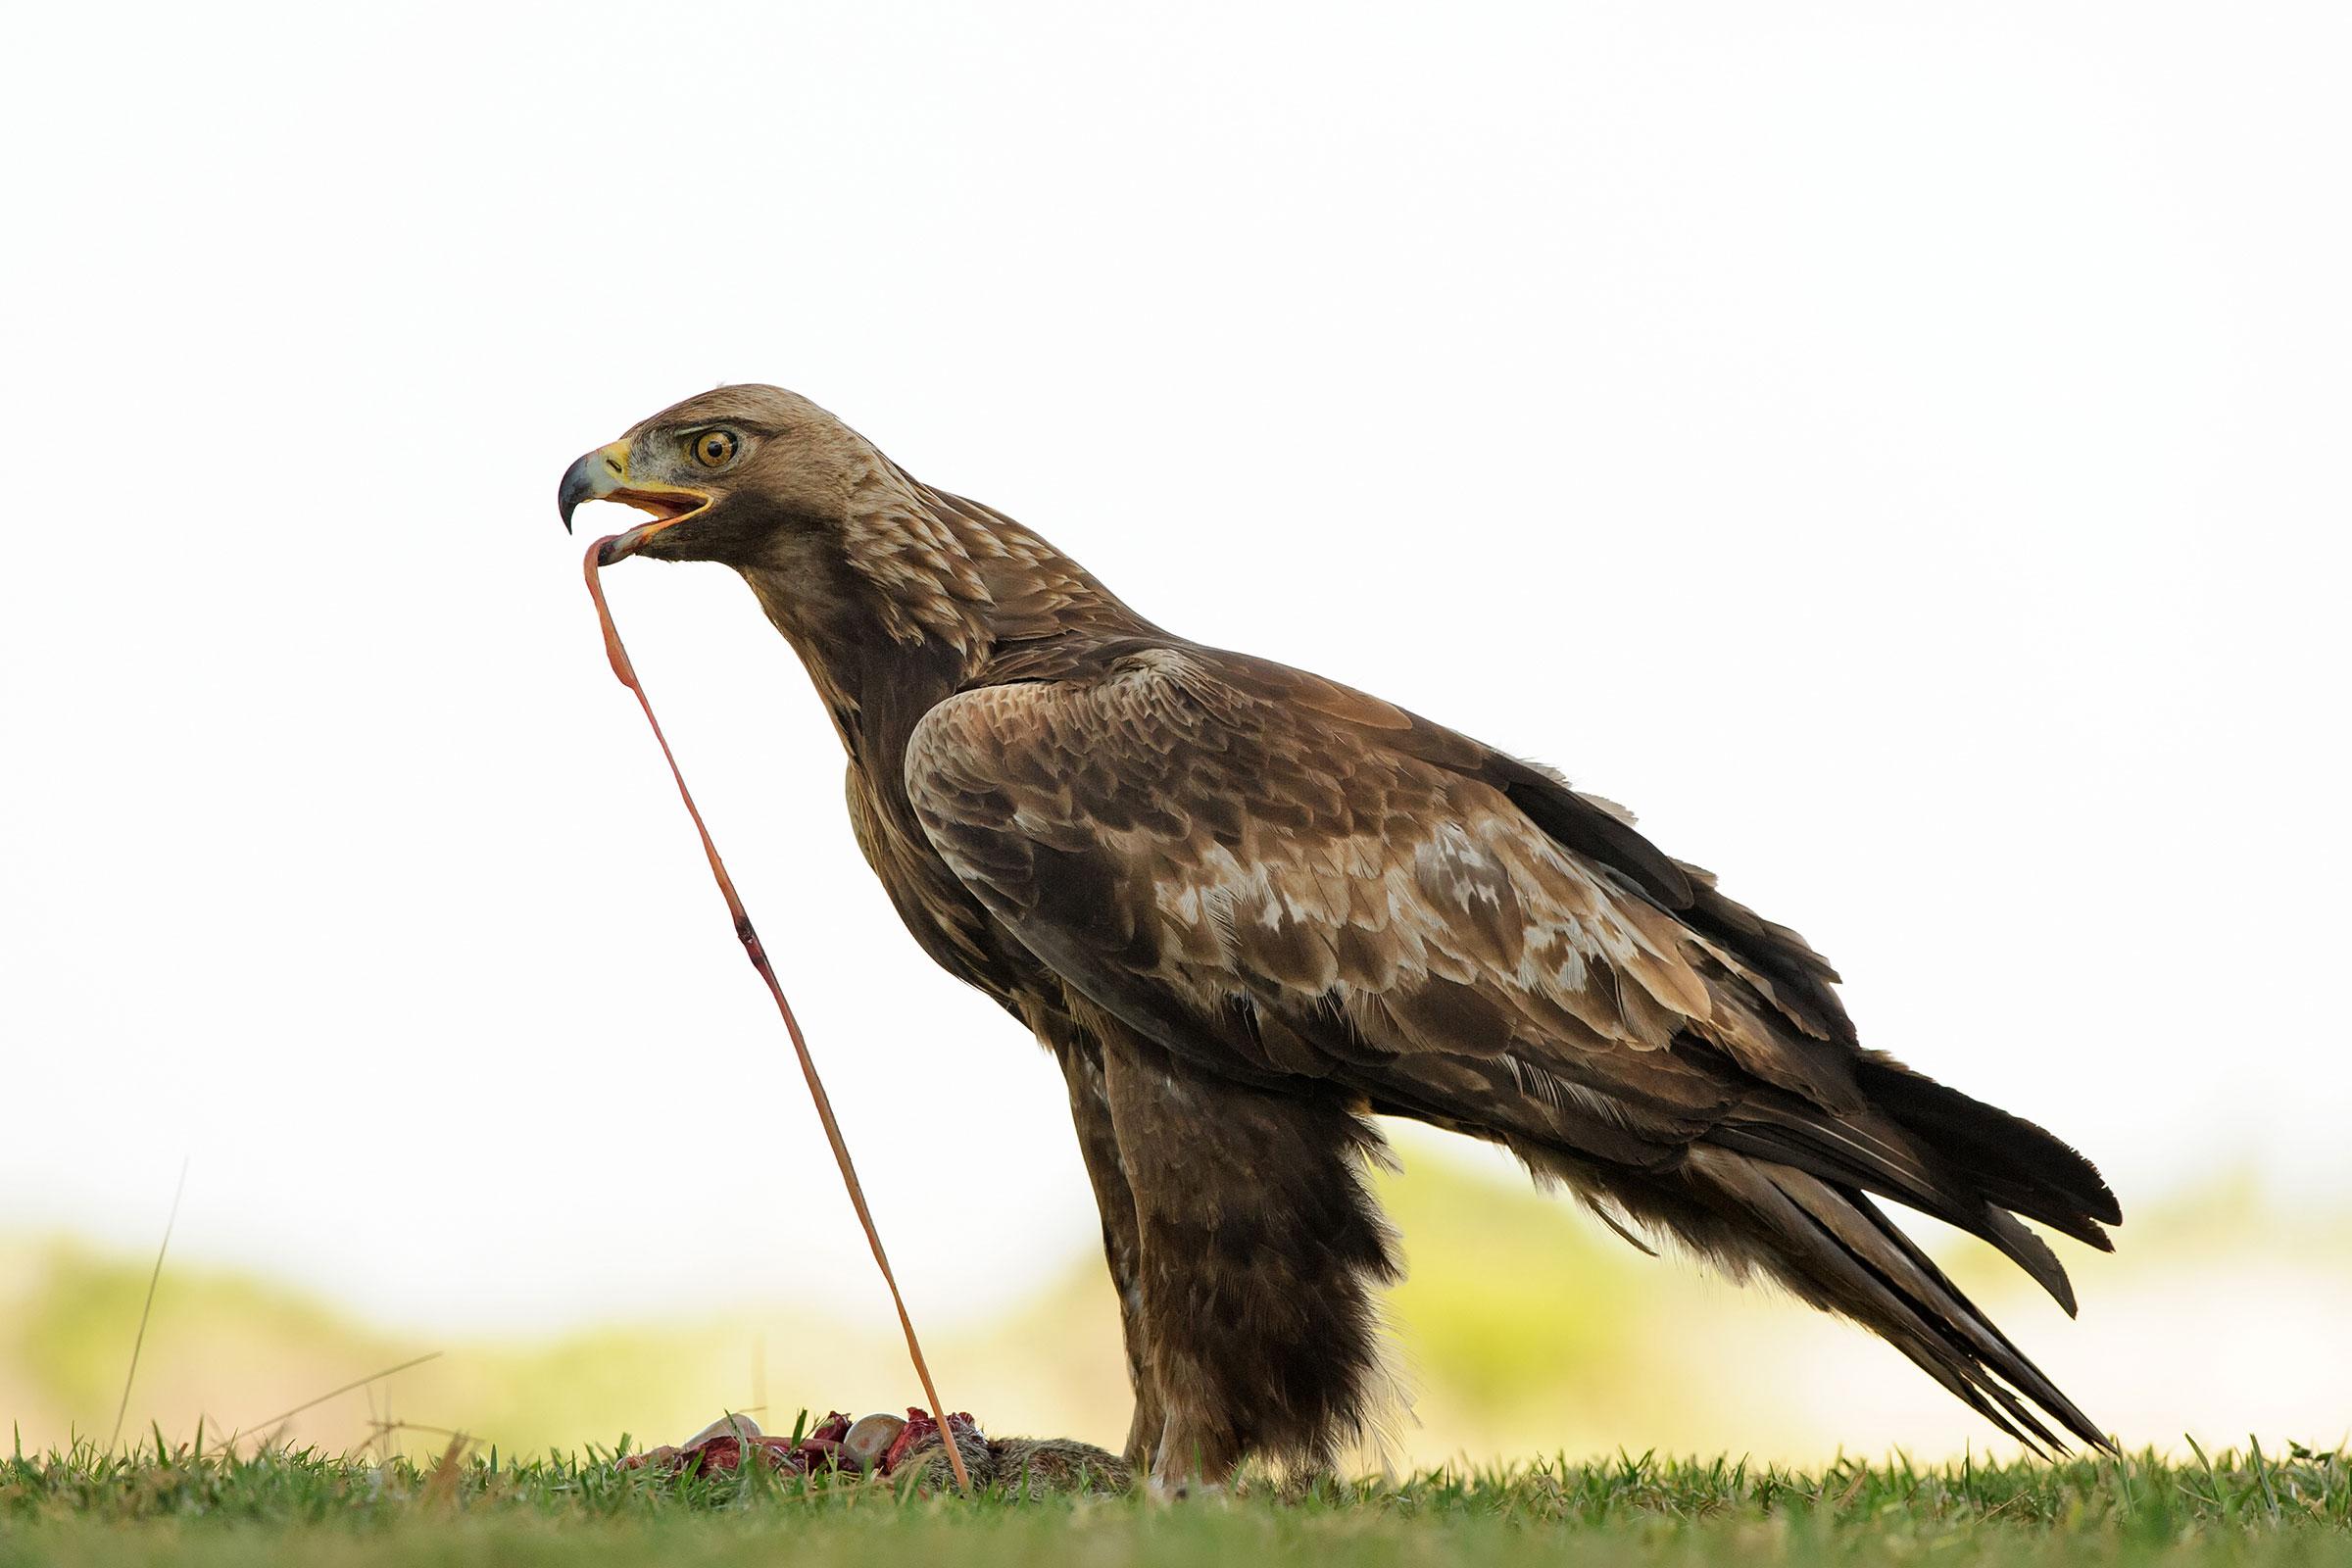 Golden Eagle. Jacqueline Deely/Audubon Photography Awards